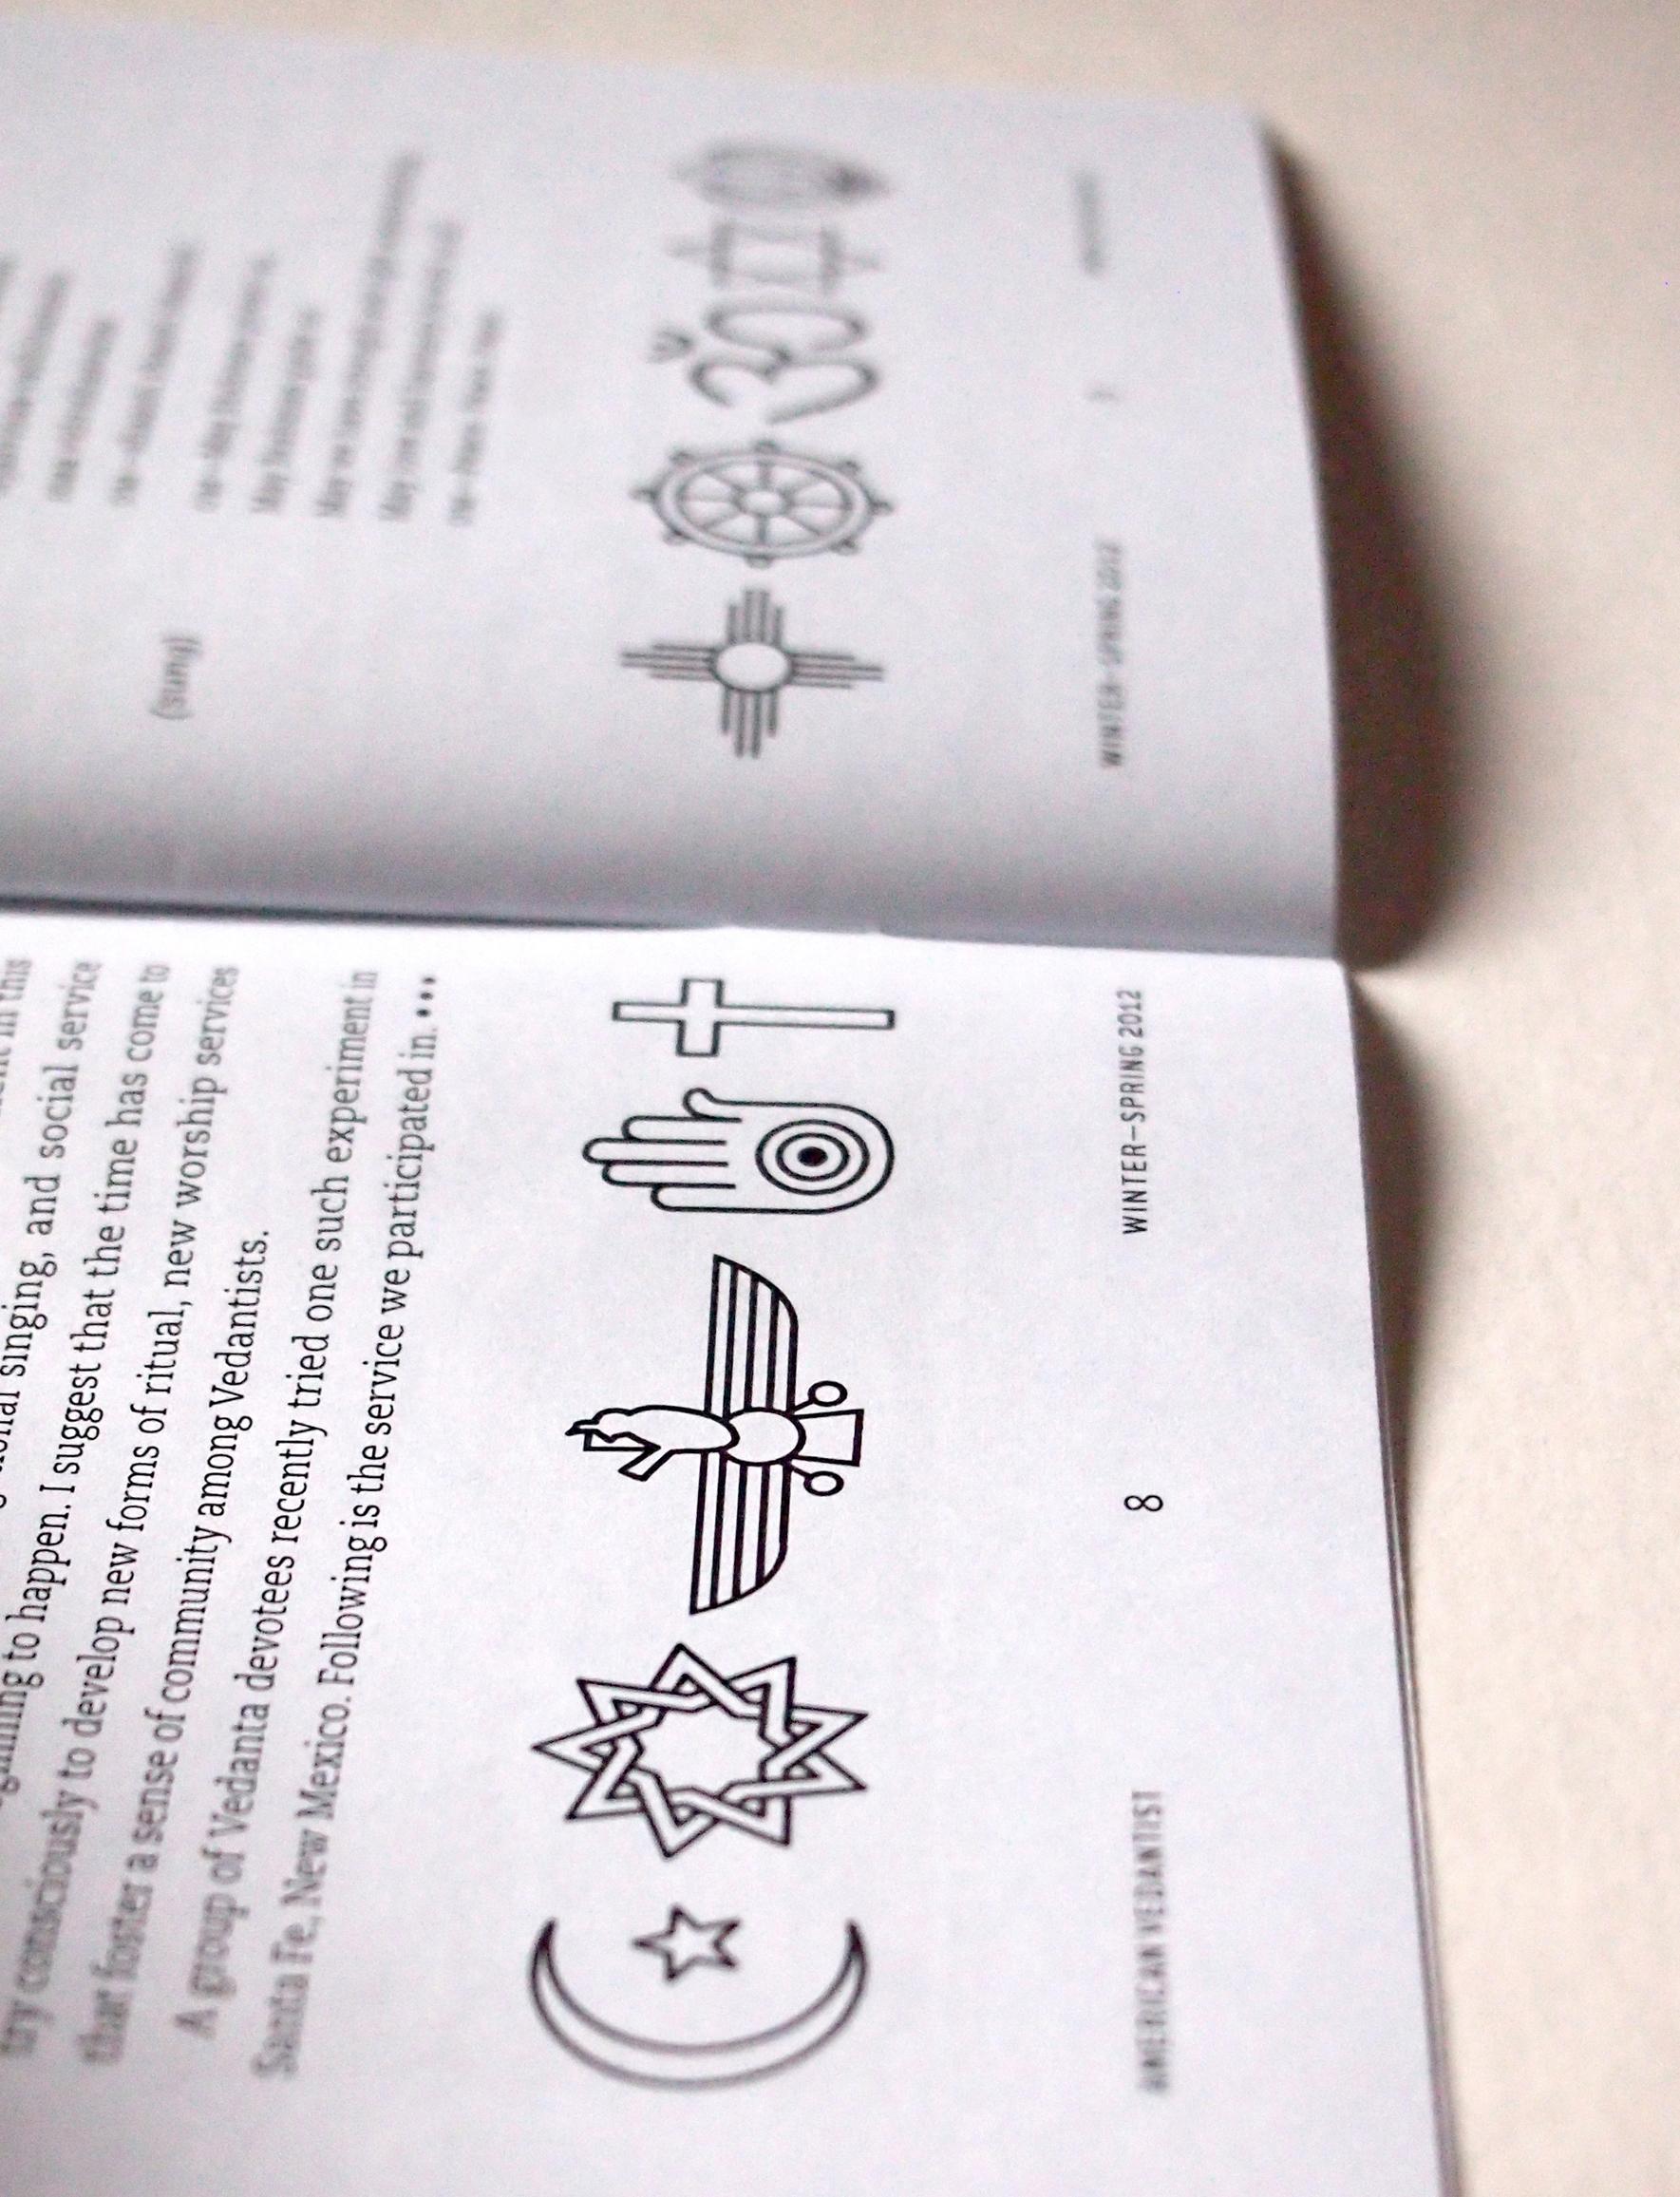 AV-illustrations.jpg